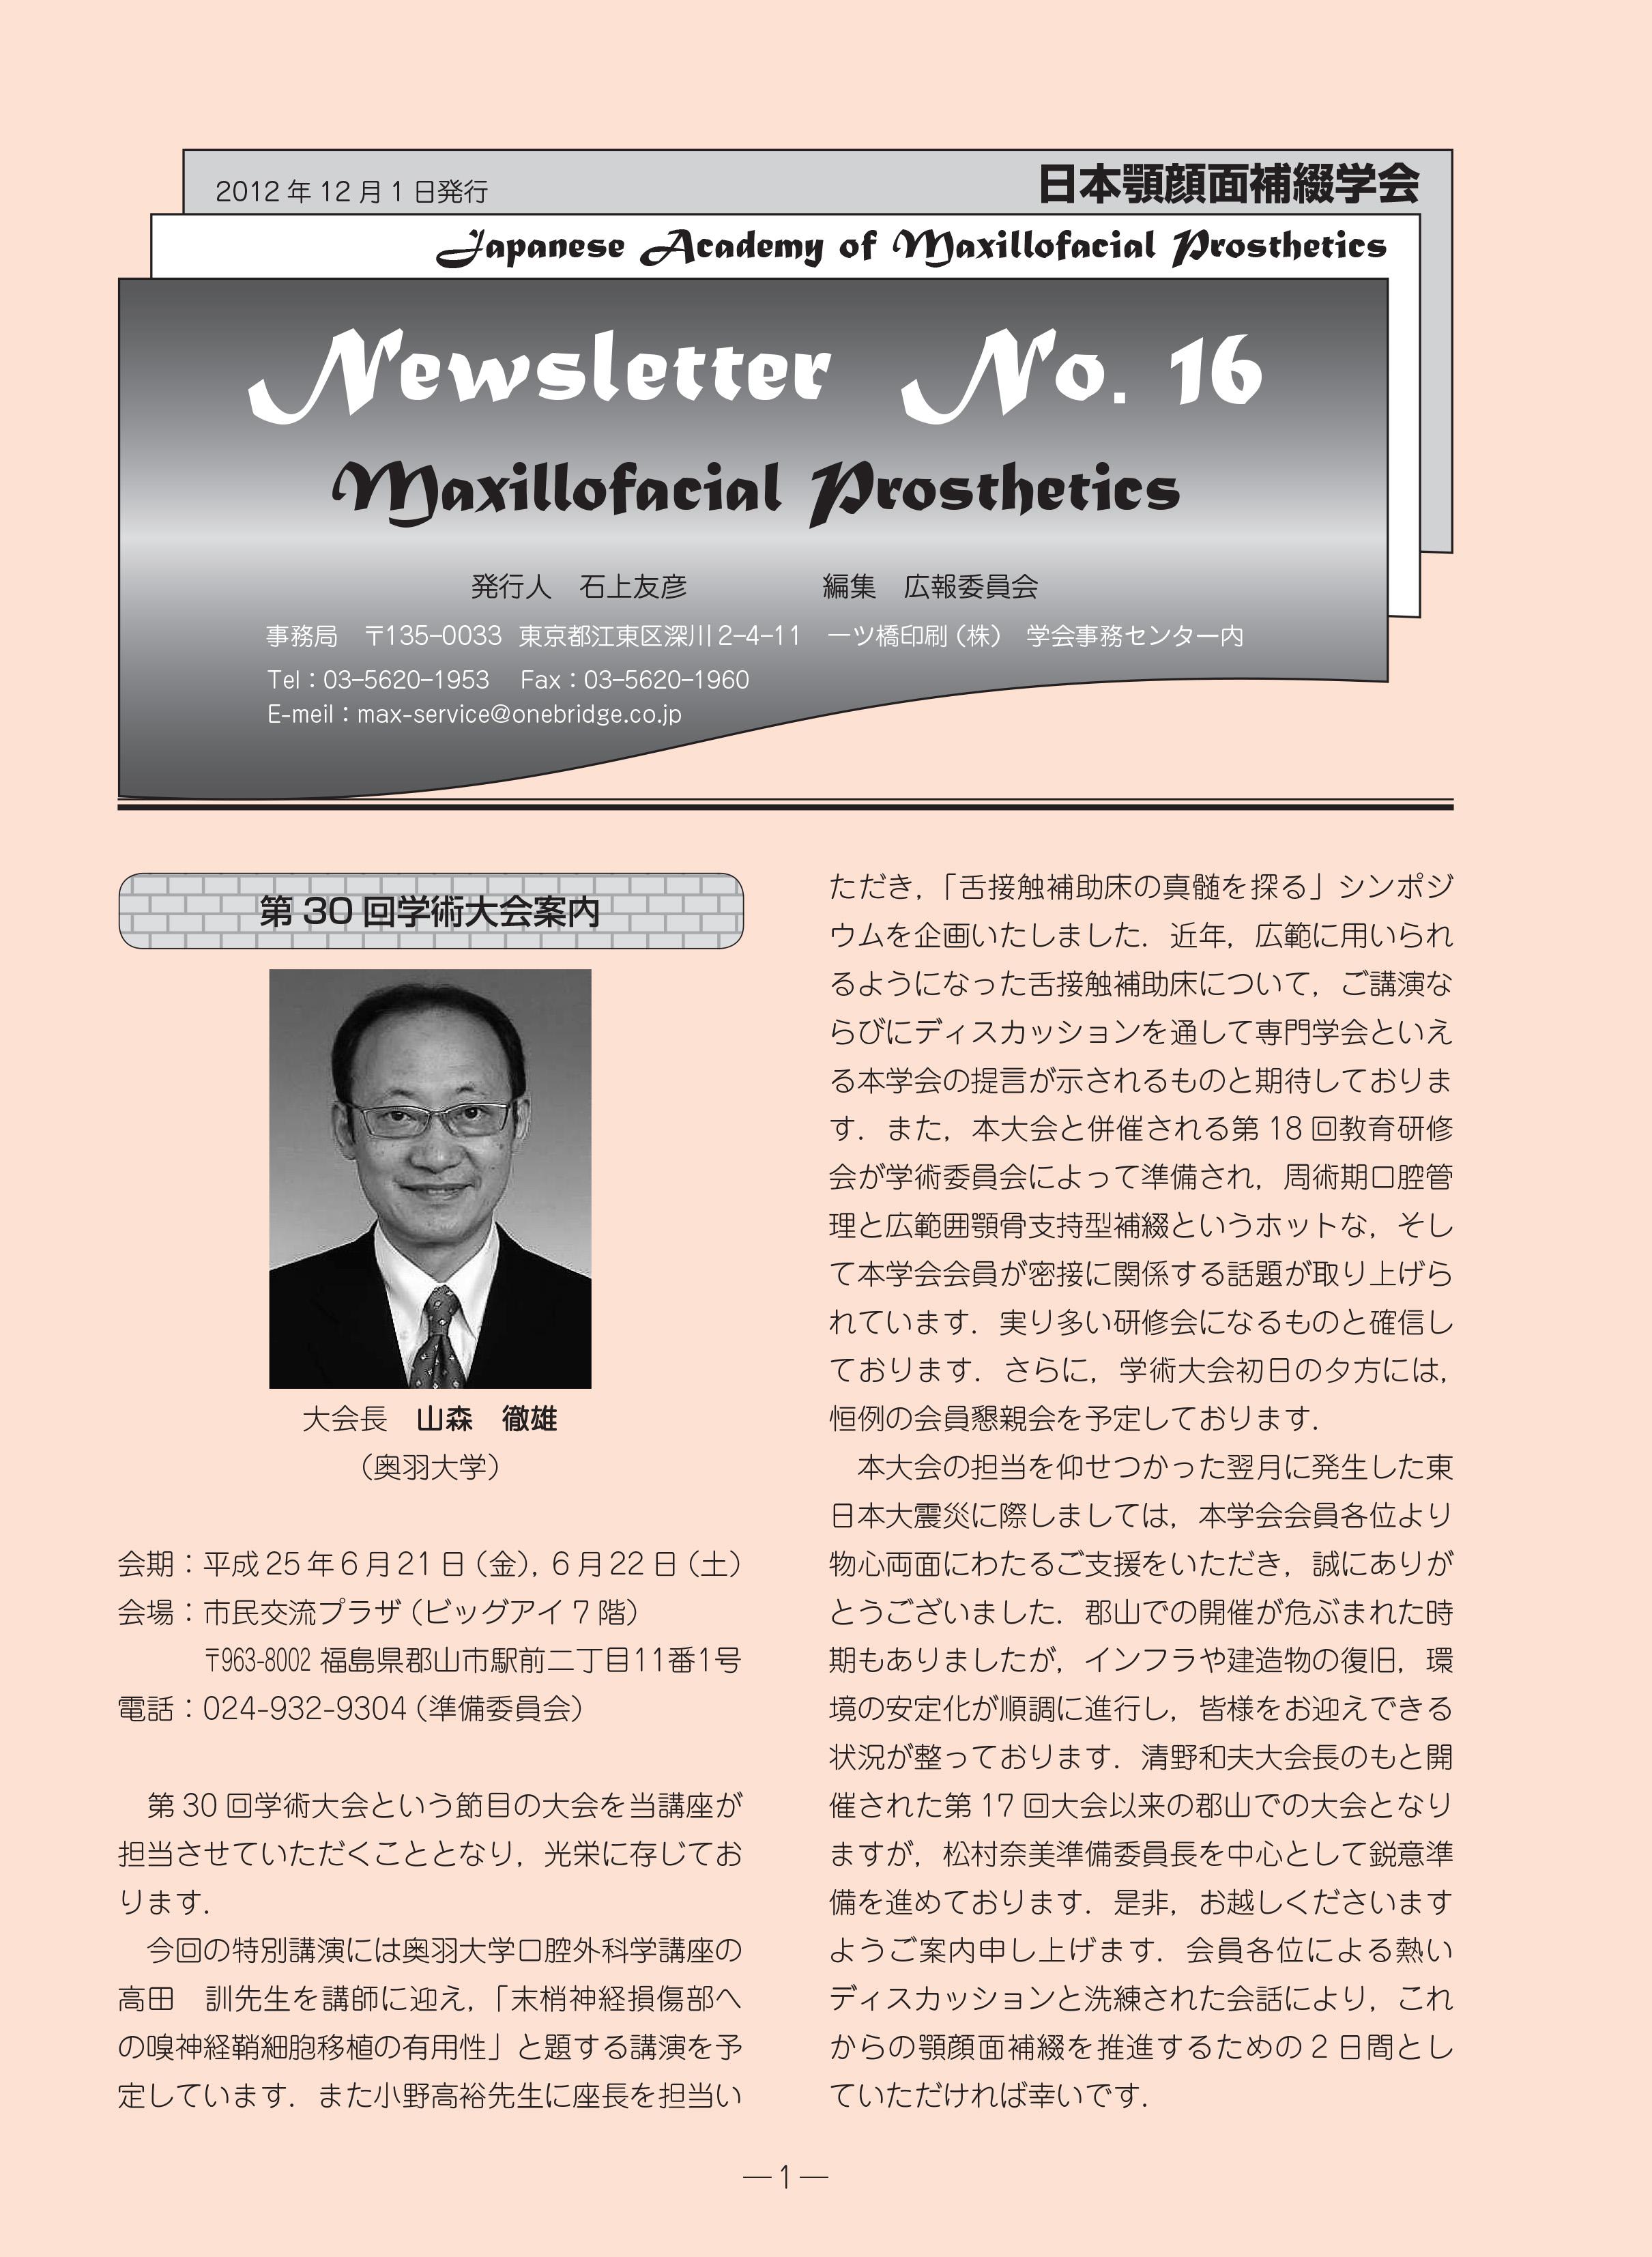 ニュースレター No.16